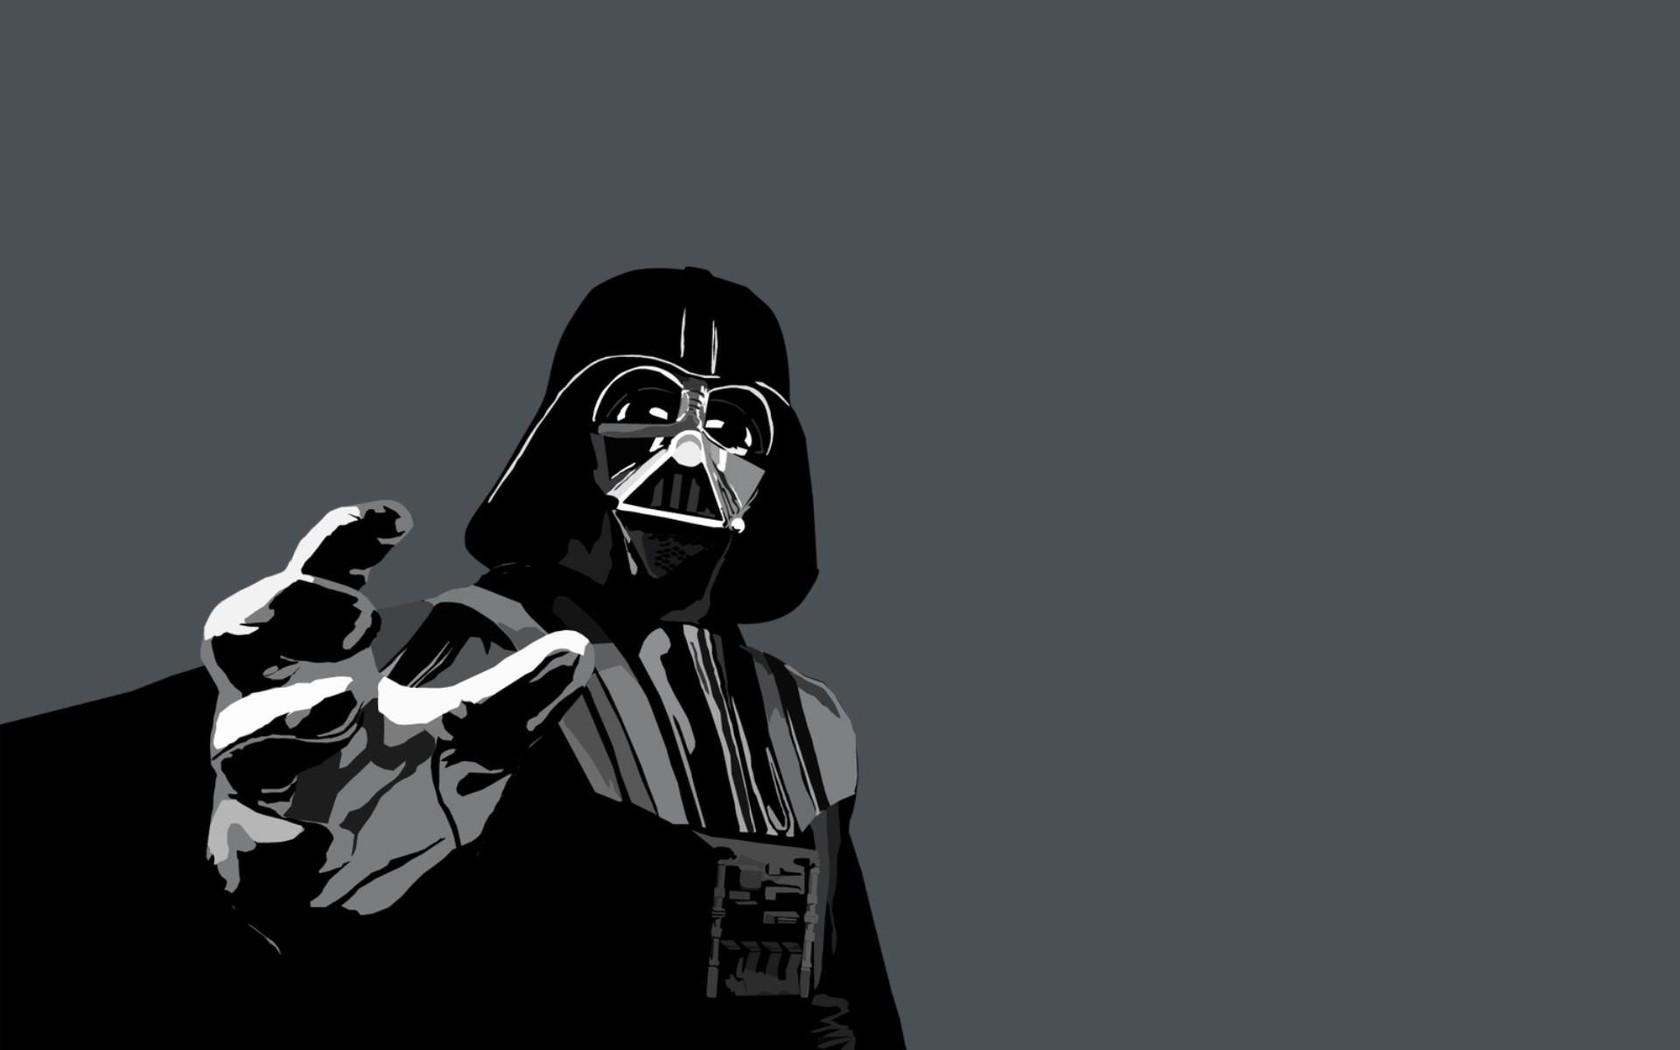 Darth Vader wallpaper 5160 1680x1050